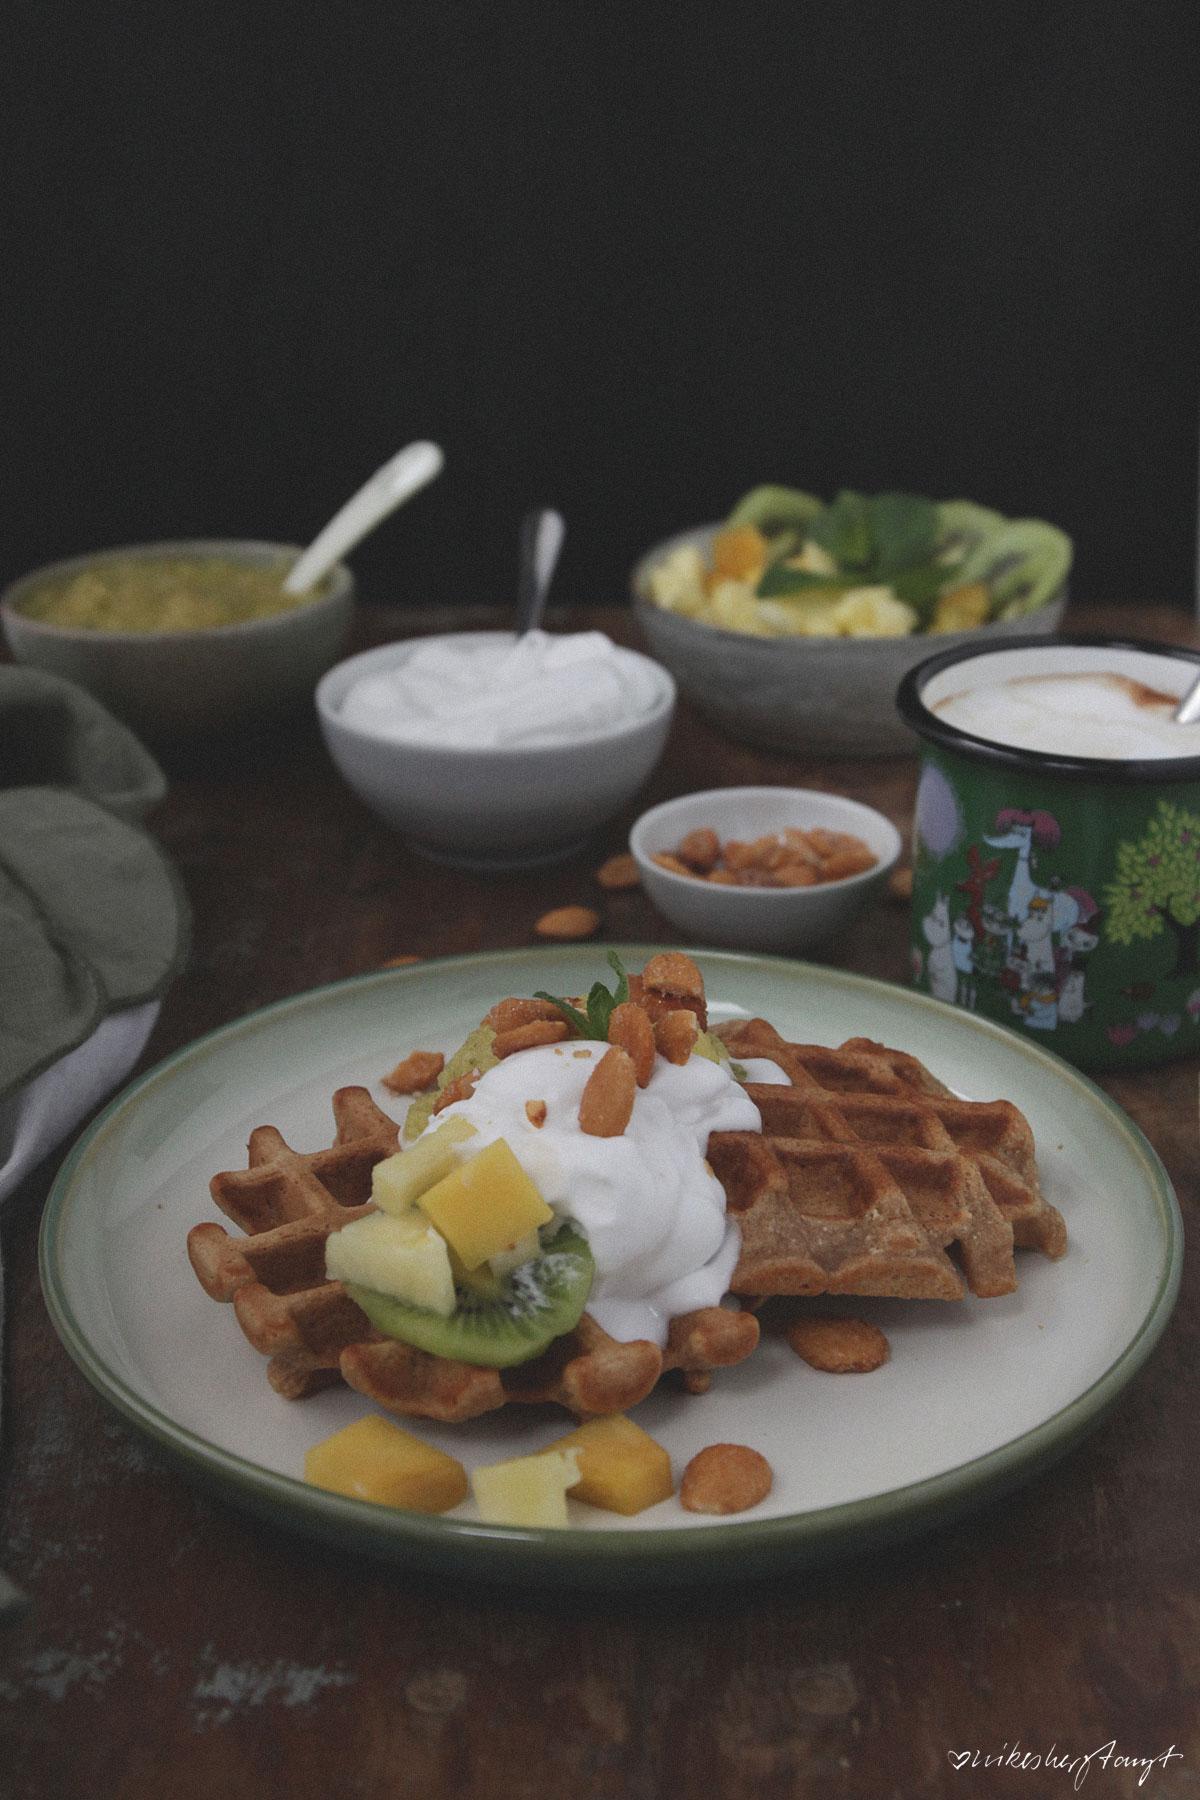 vegane waffeln mit ananas-minz-mus (rezept) // nikesherztanzt